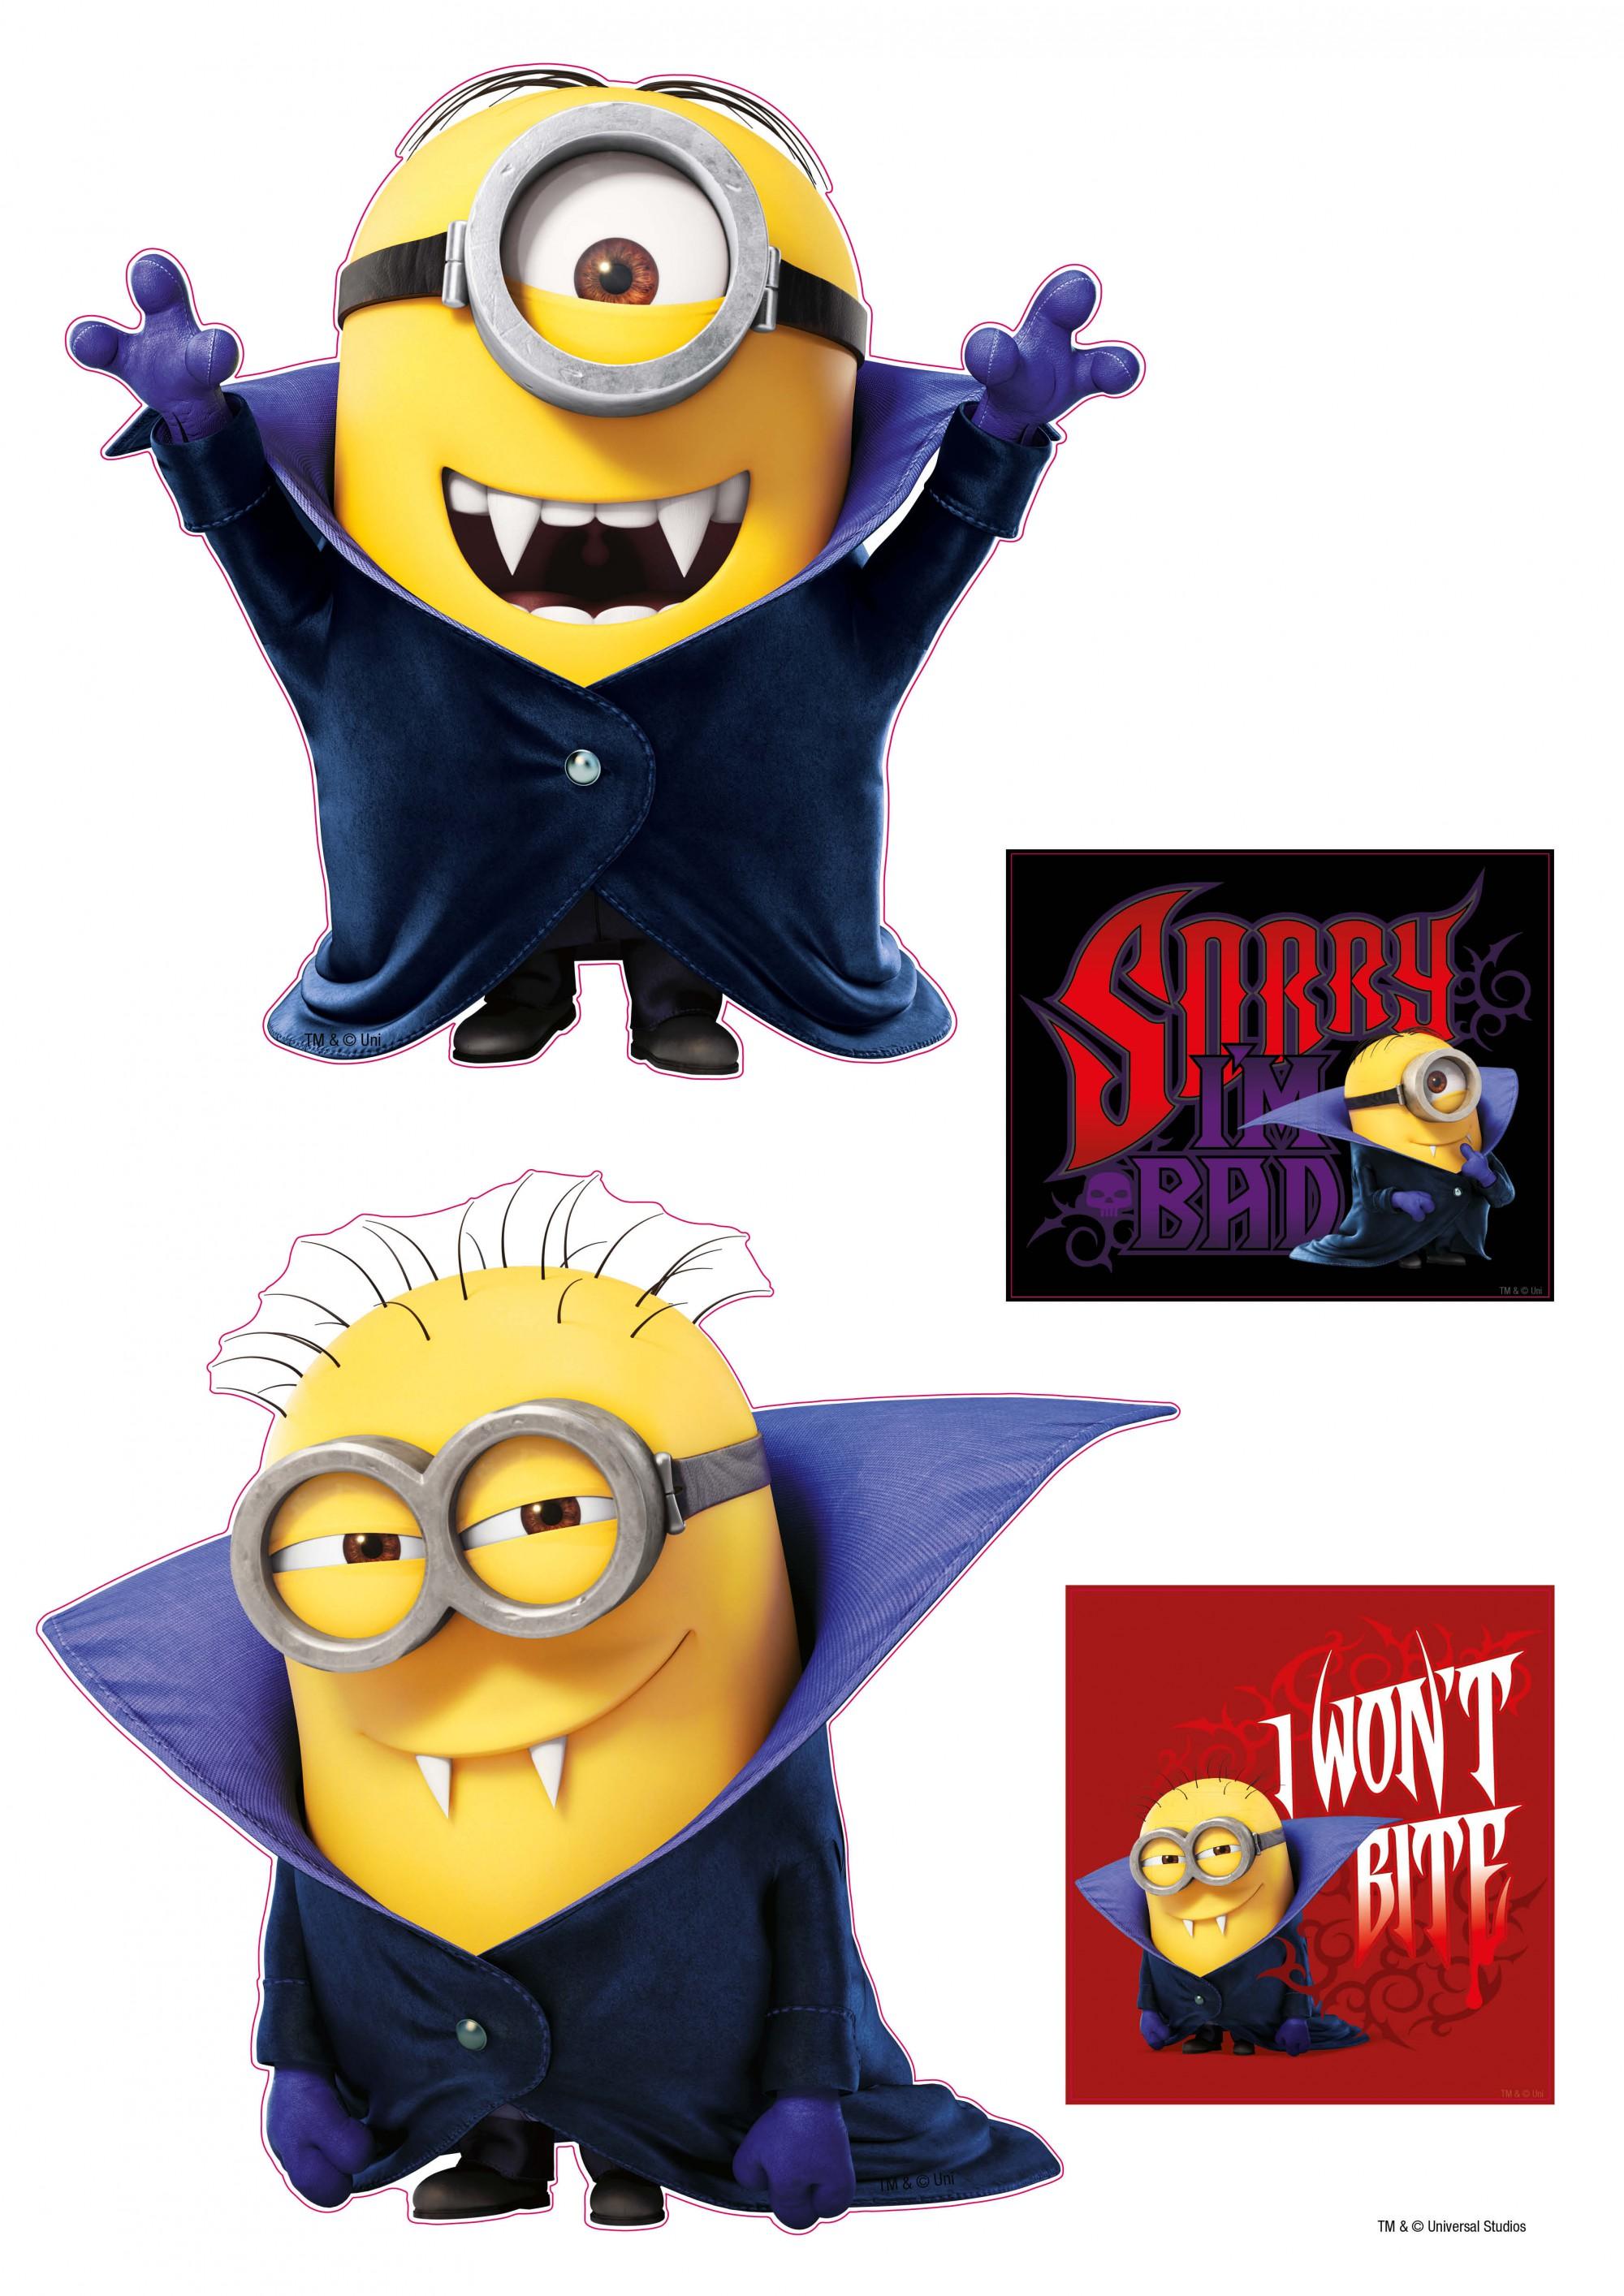 Dracula il cast completo della miniserie netflix di steven moffat